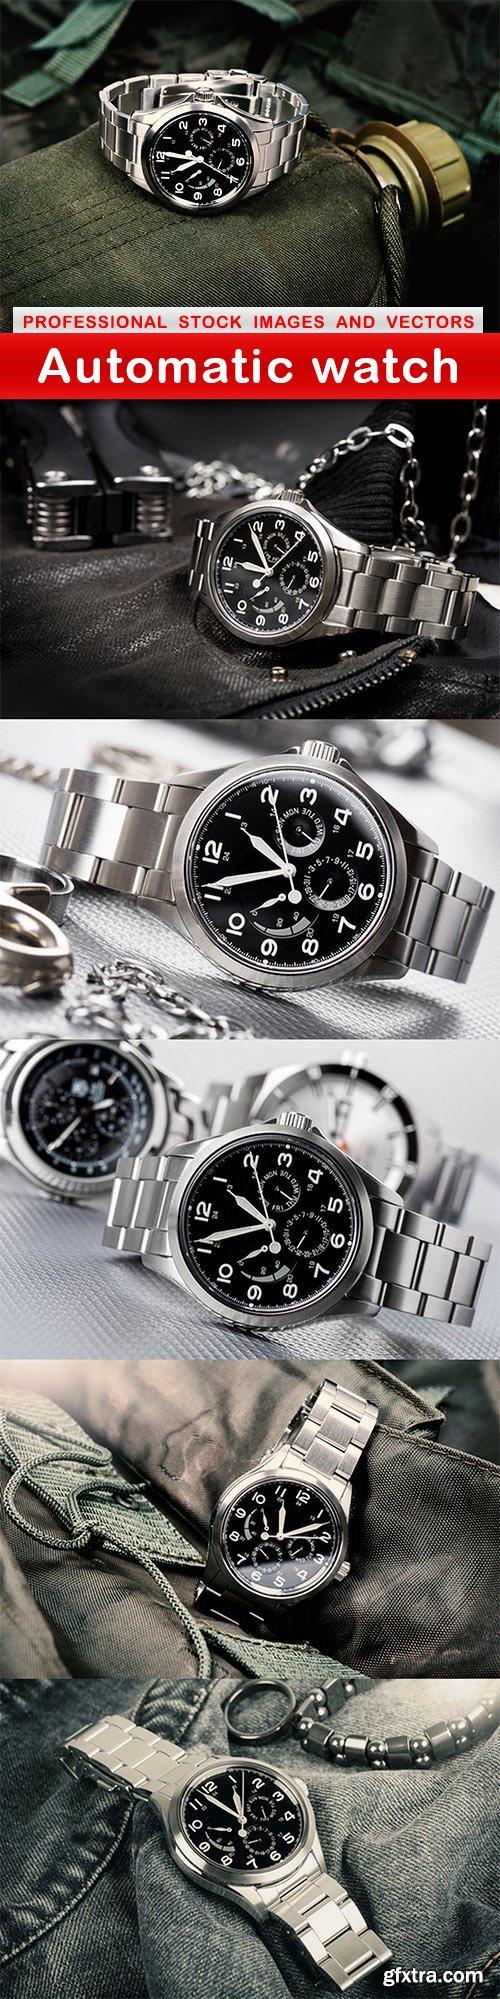 Automatic watch - 6 UHQ JPEG